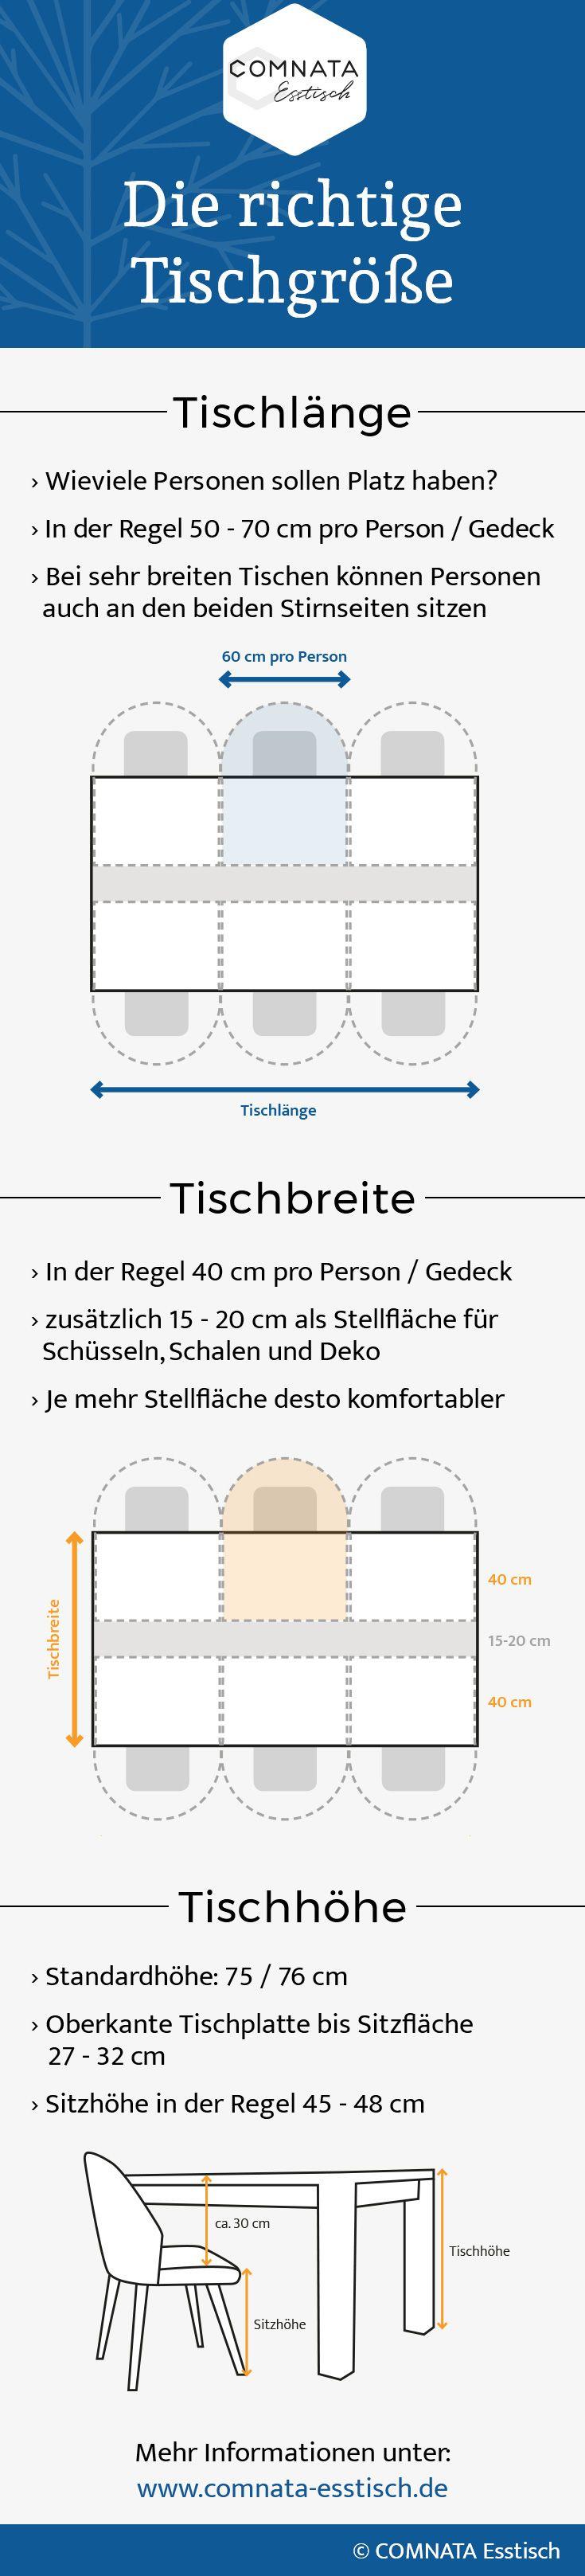 Welche Tischgröße ist die richtige? COMNATA Esstisch informiert!